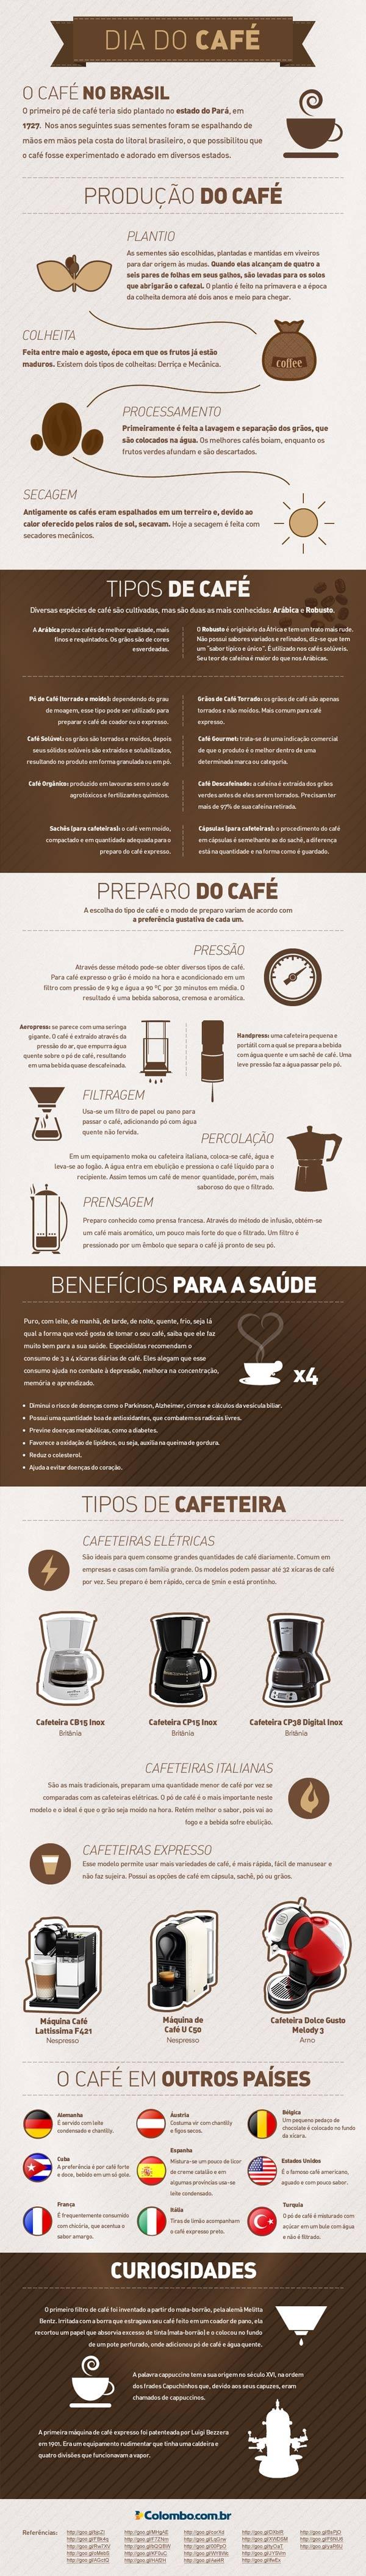 infográfico sobre o café